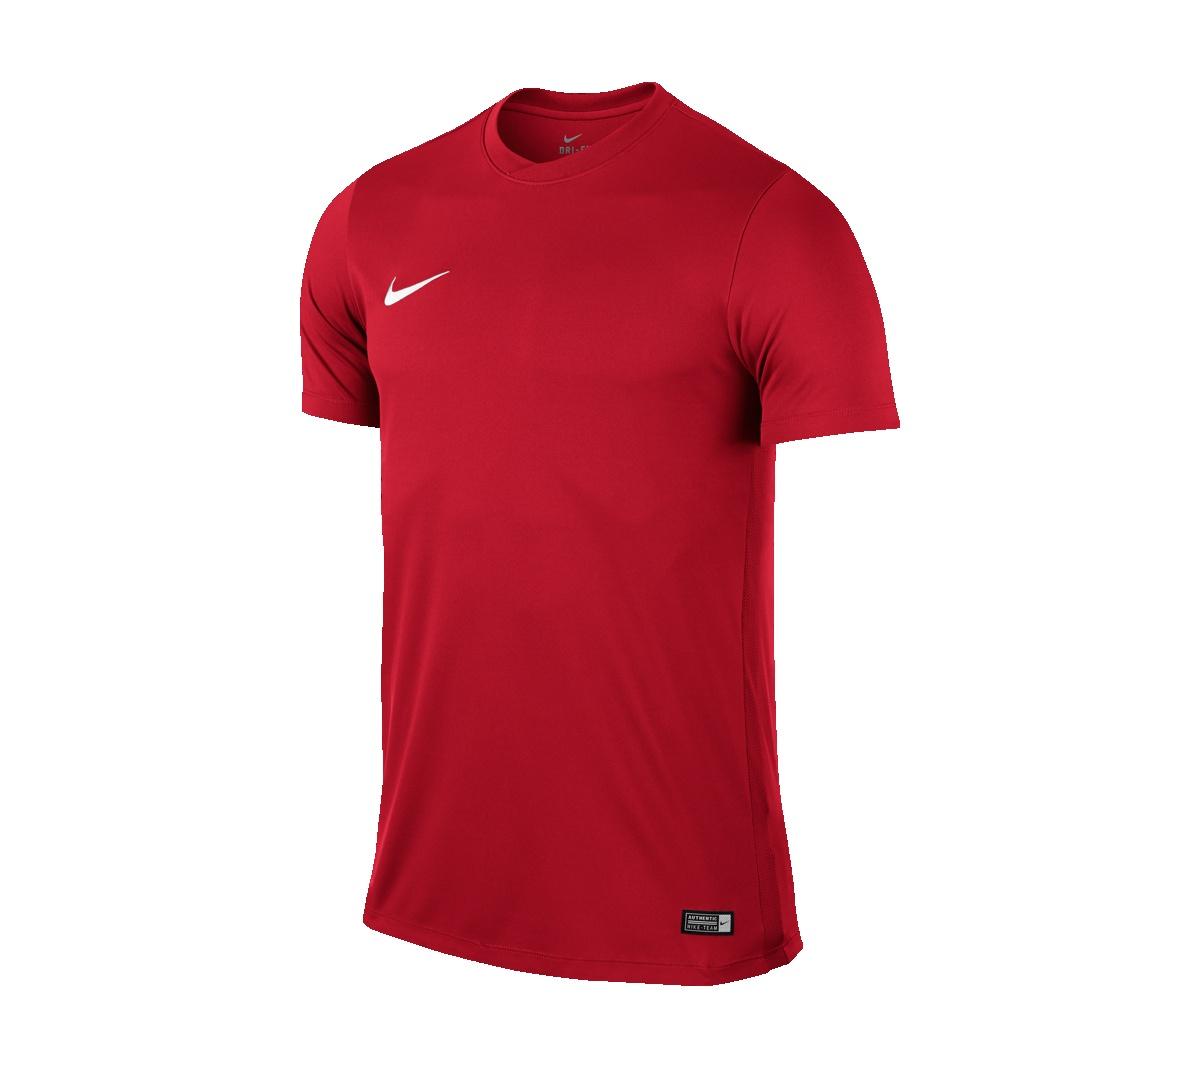 764bd2a172 Camisa Nike Park VI Vm Camisa Nike Park VI Vm